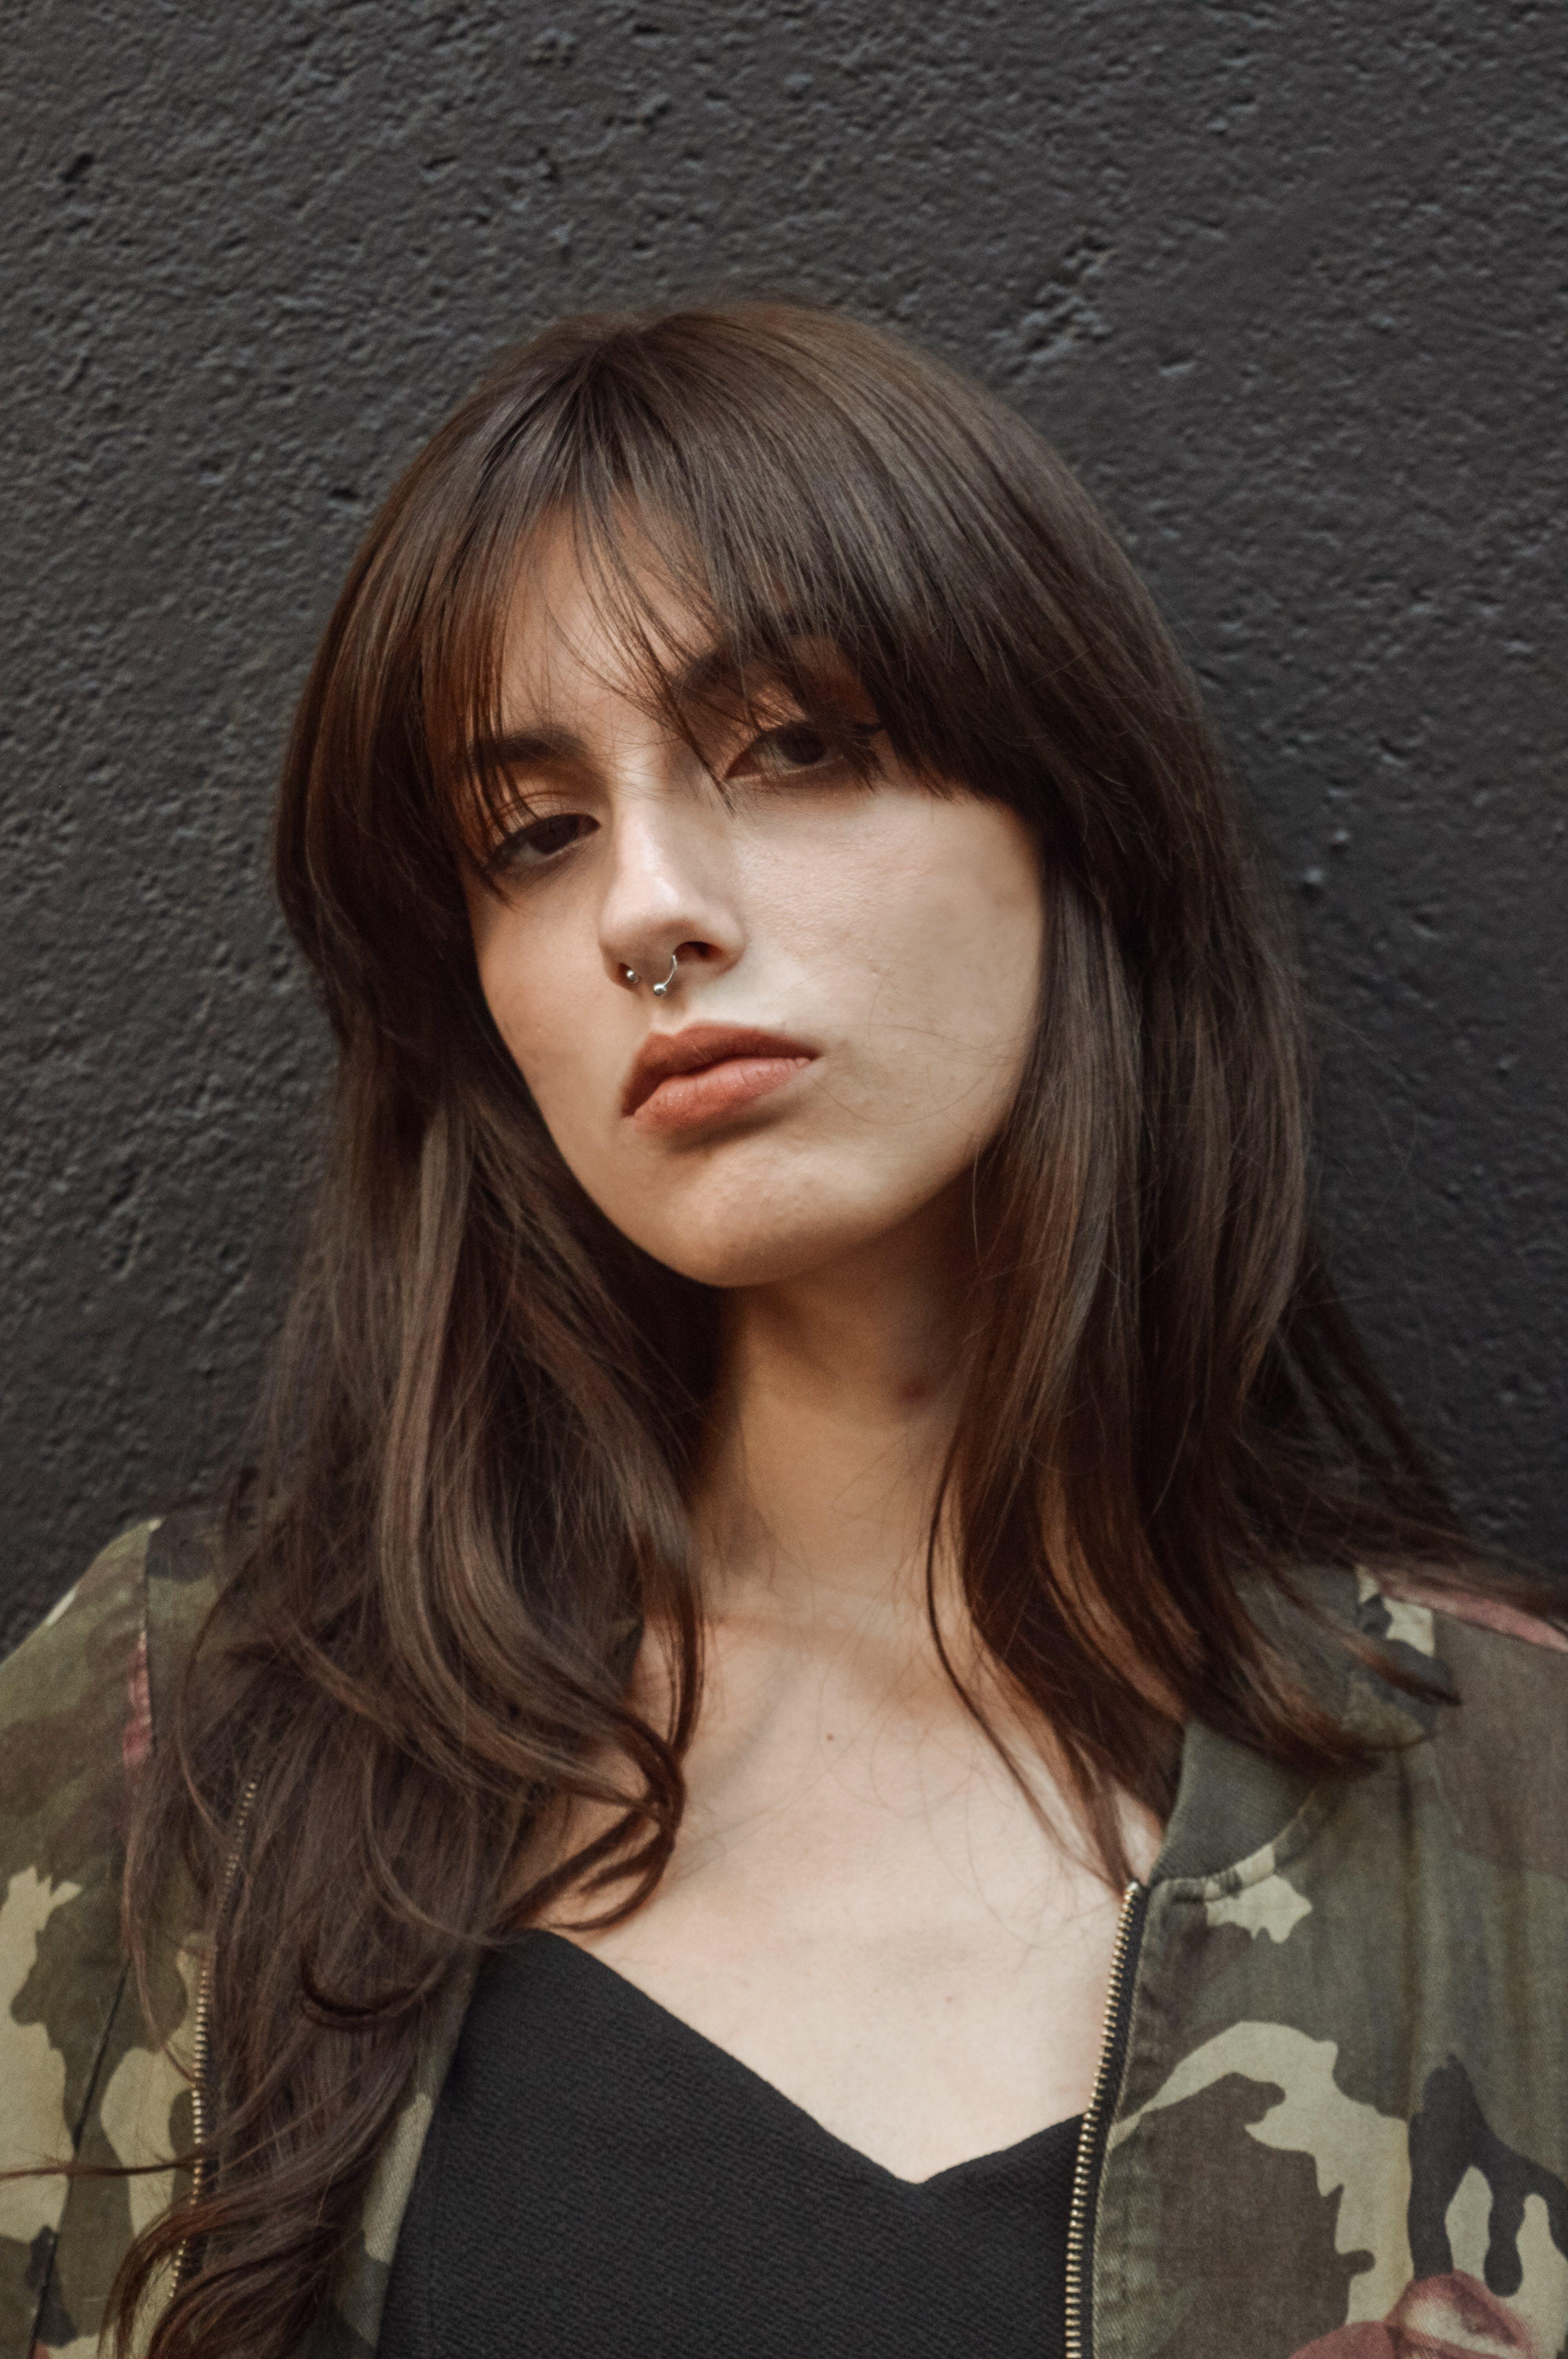 Kostnadsfri bild av ansikte, attraktiv, brunett, ha på sig